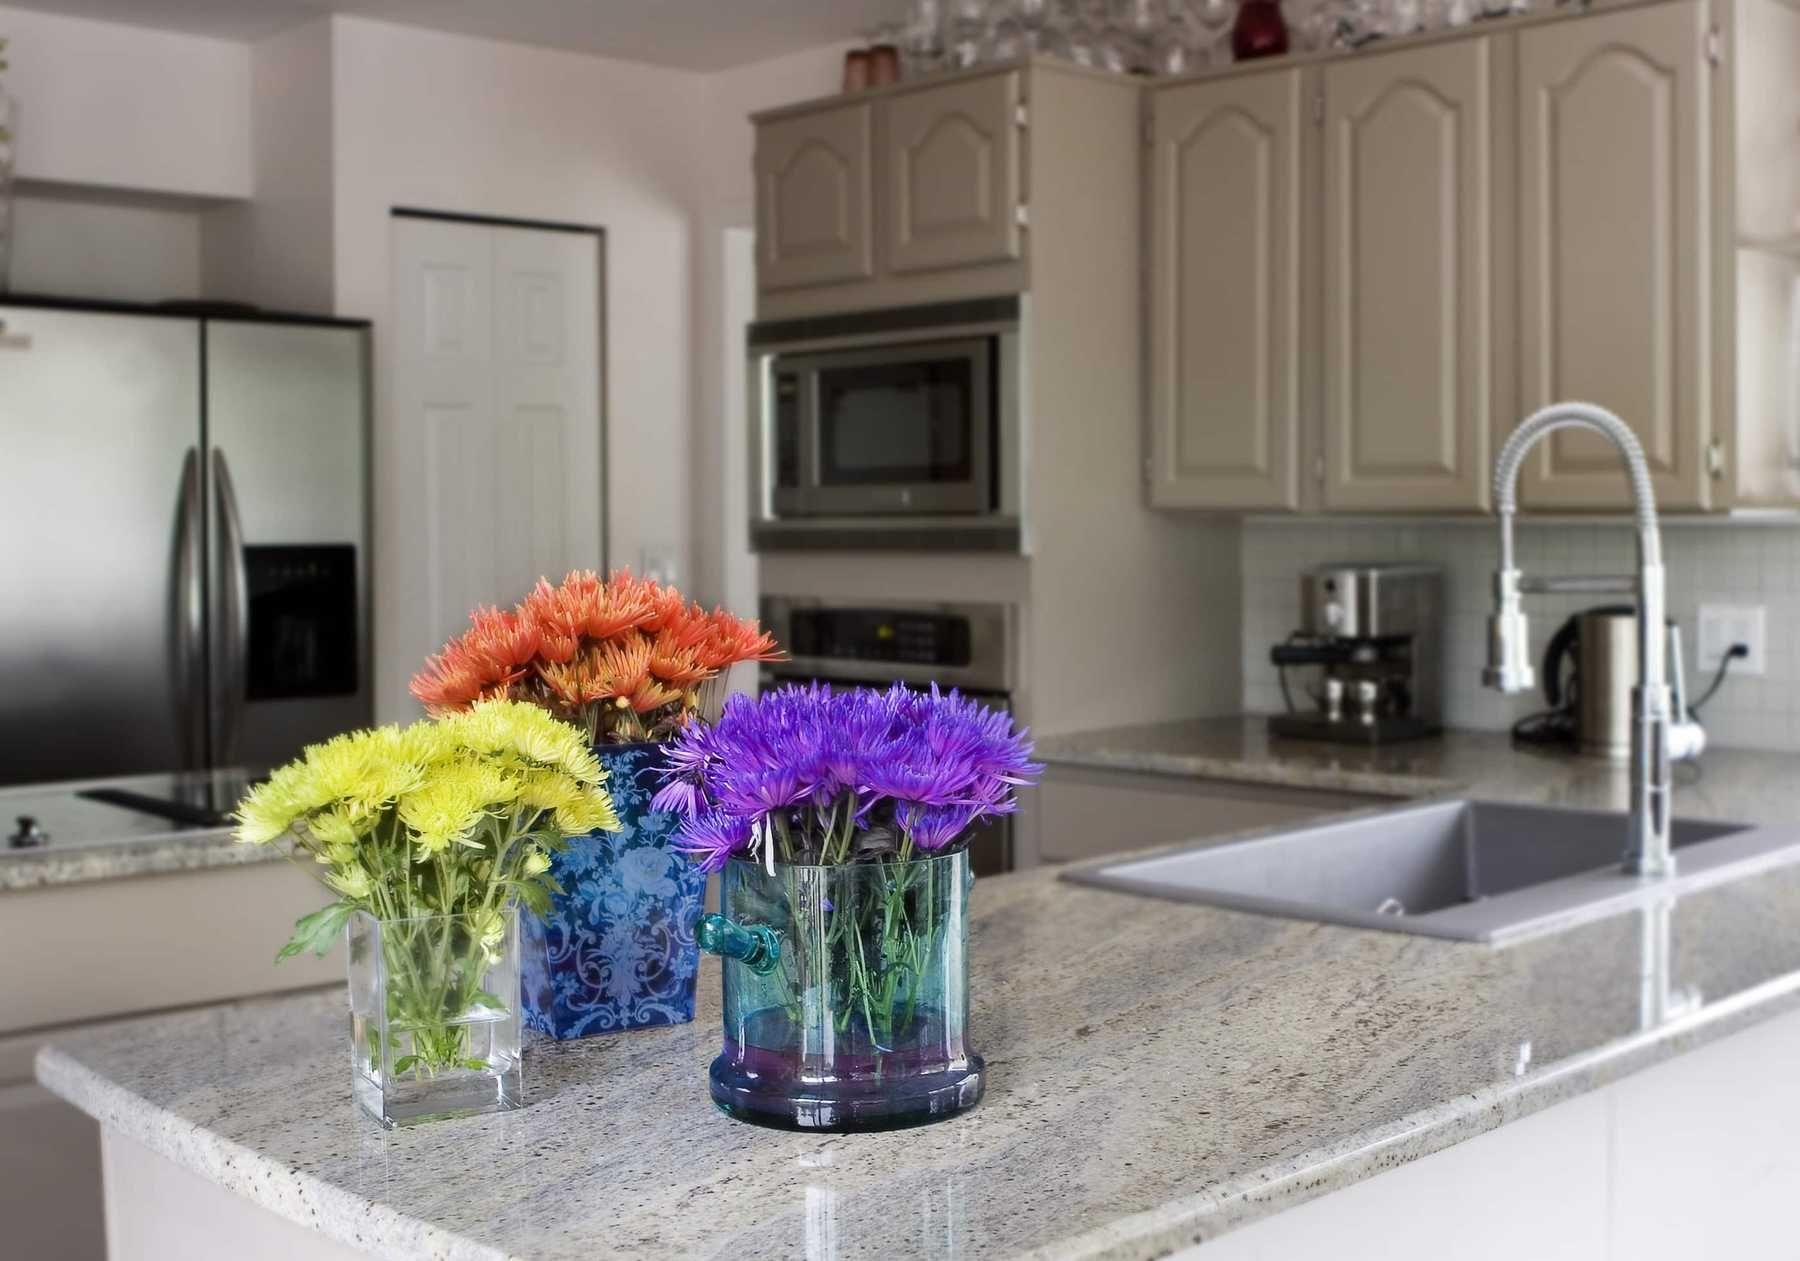 Trang trí nhà bếp với hoa tươi